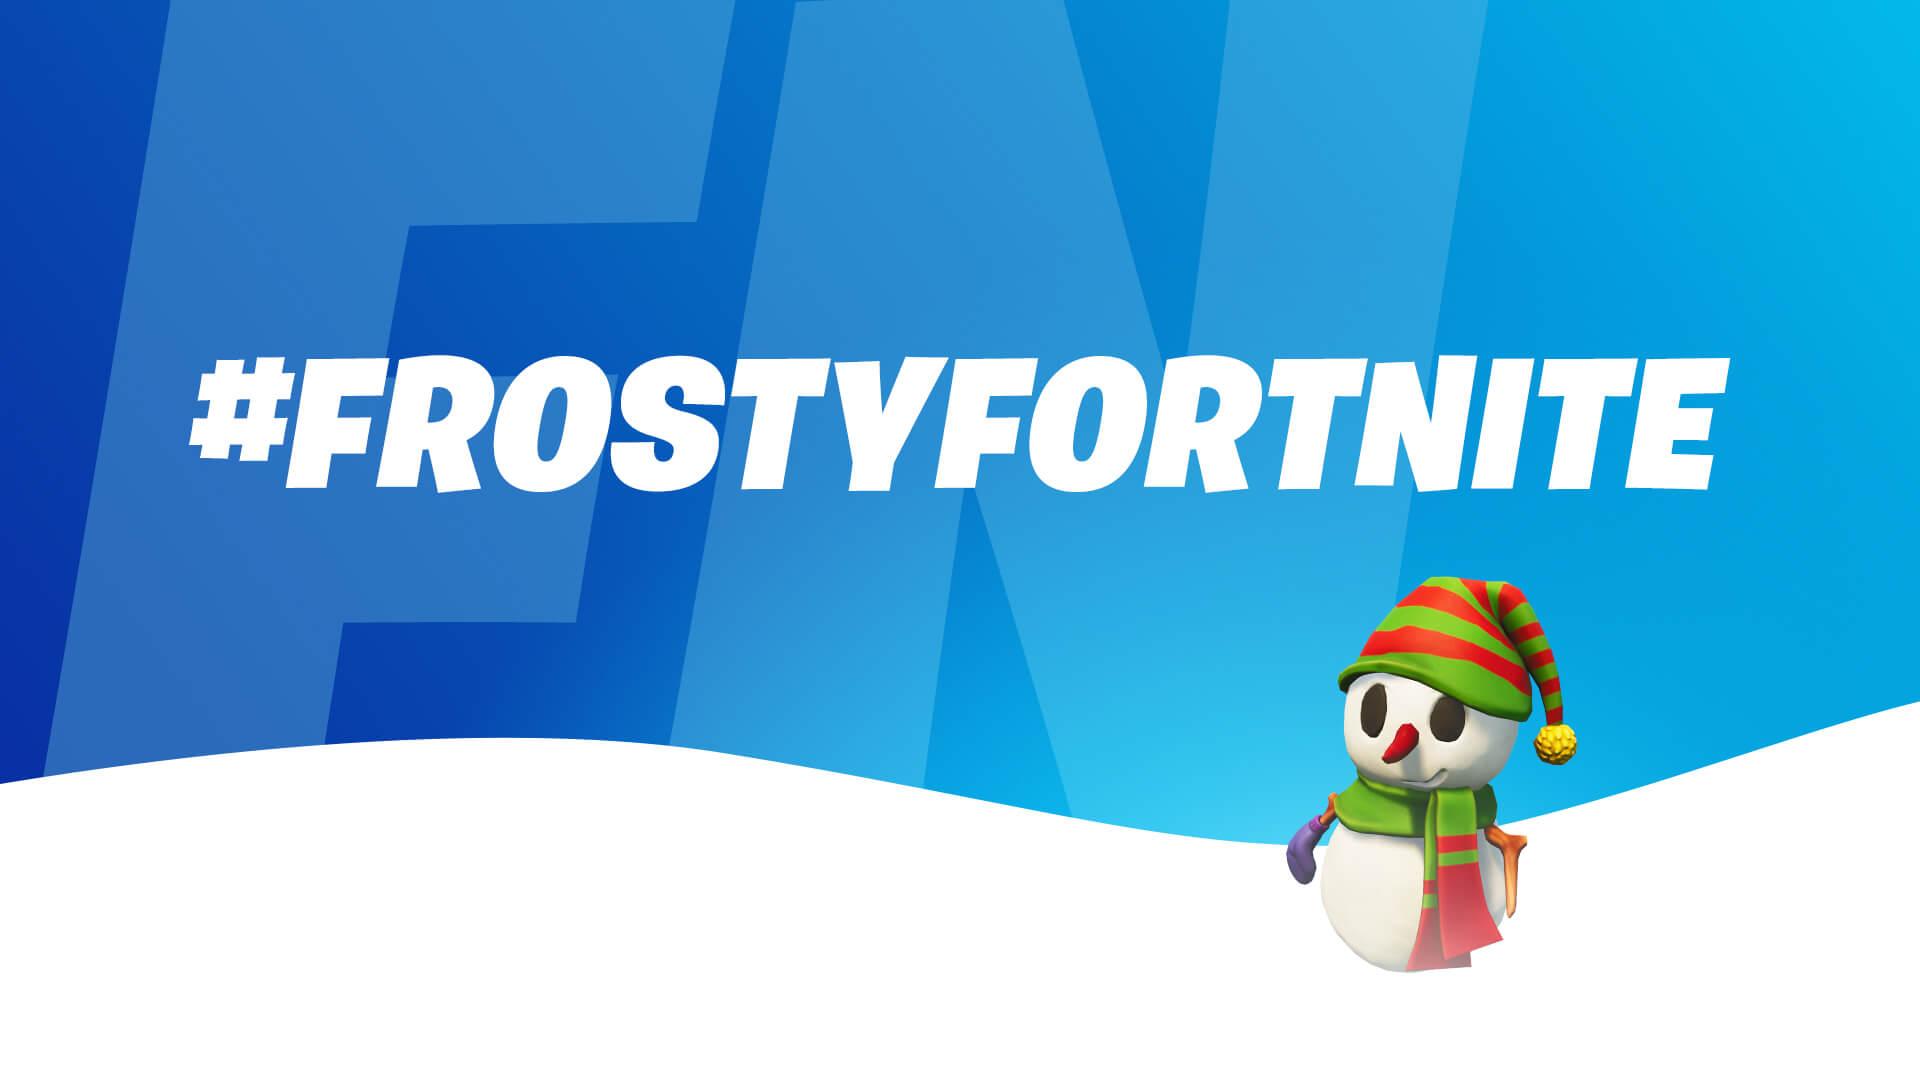 11BR_FrostyFortnite_FN_Social_Hashtag_v1-(2).jpg